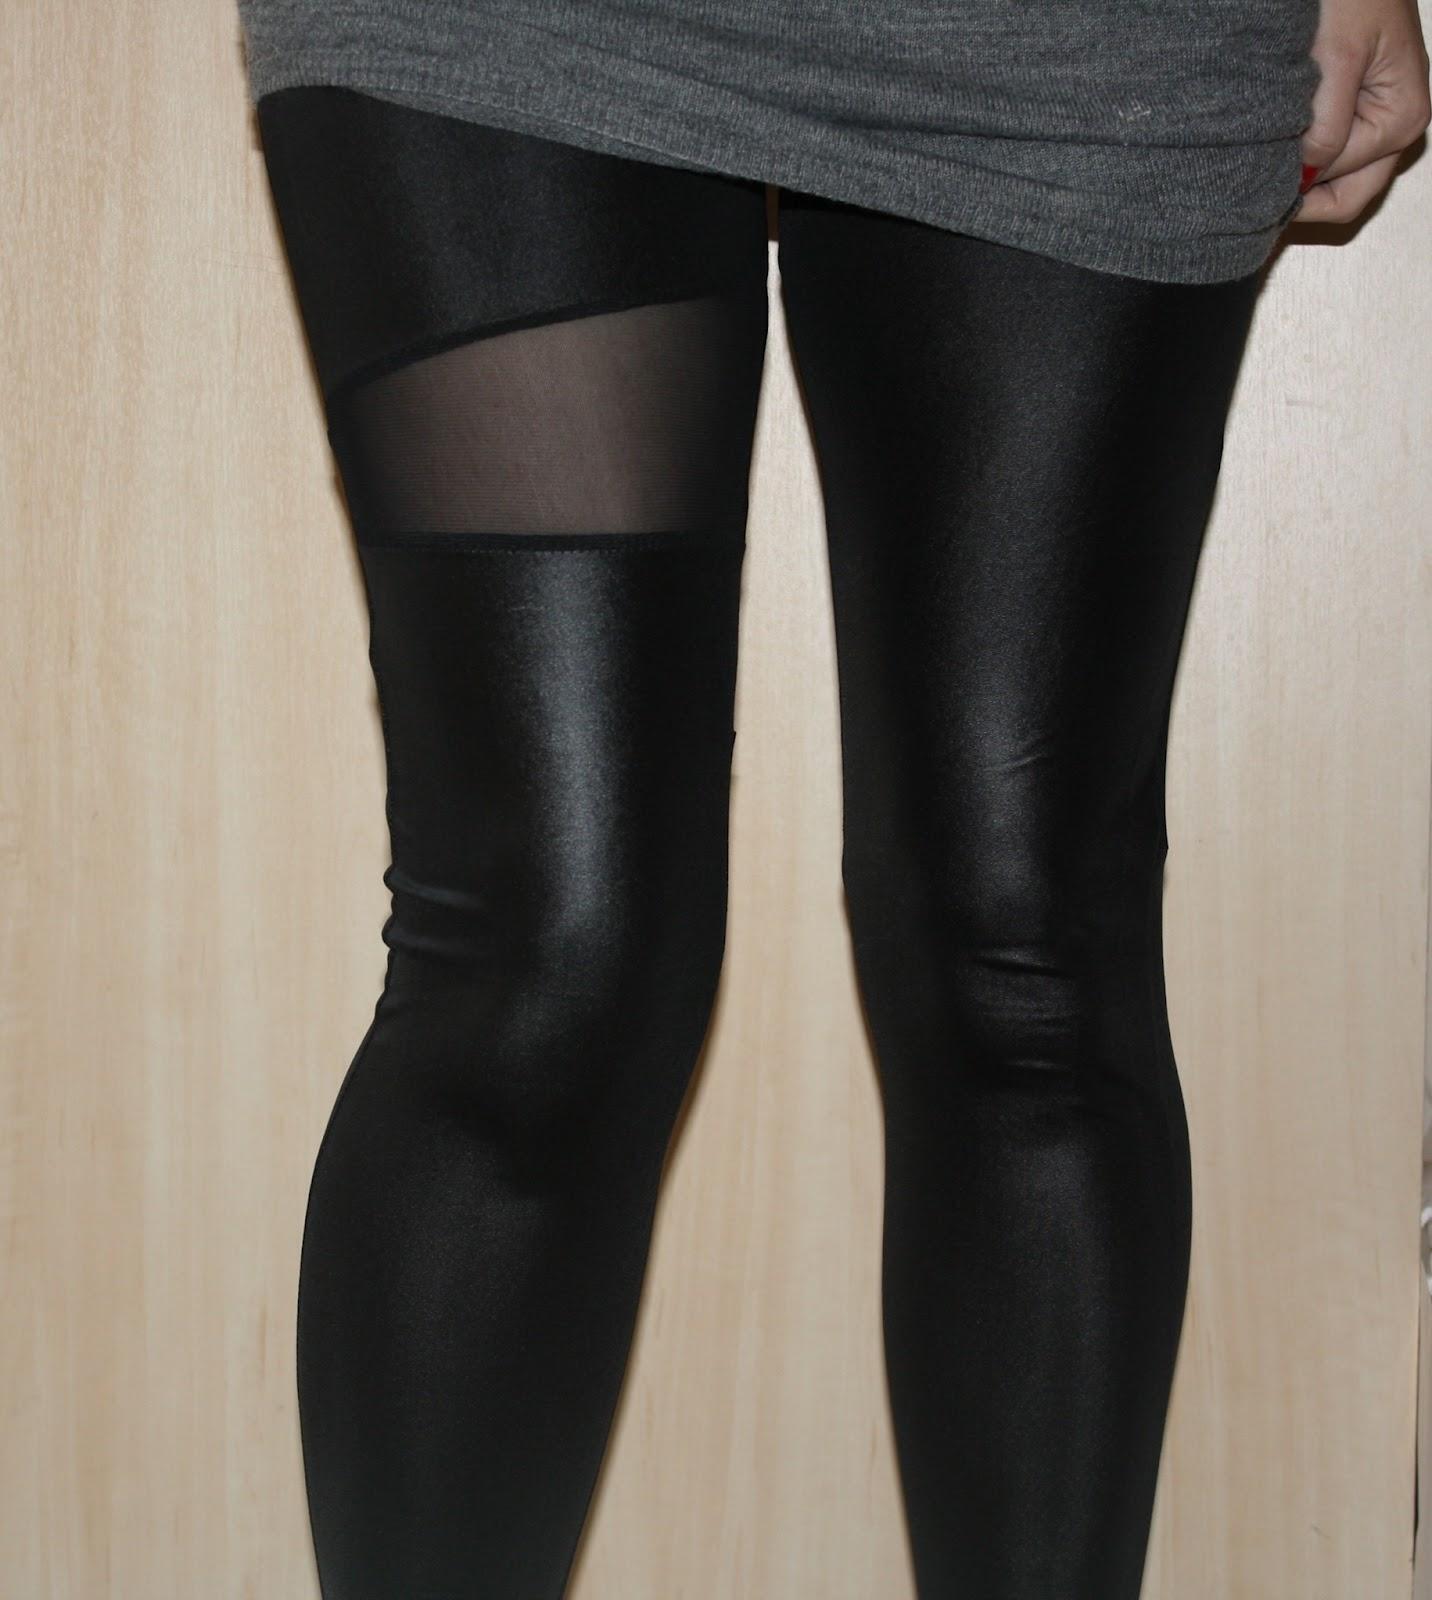 Oasap Leather-look & Mesh Spliced Leggings | Lippy in London - UK ...